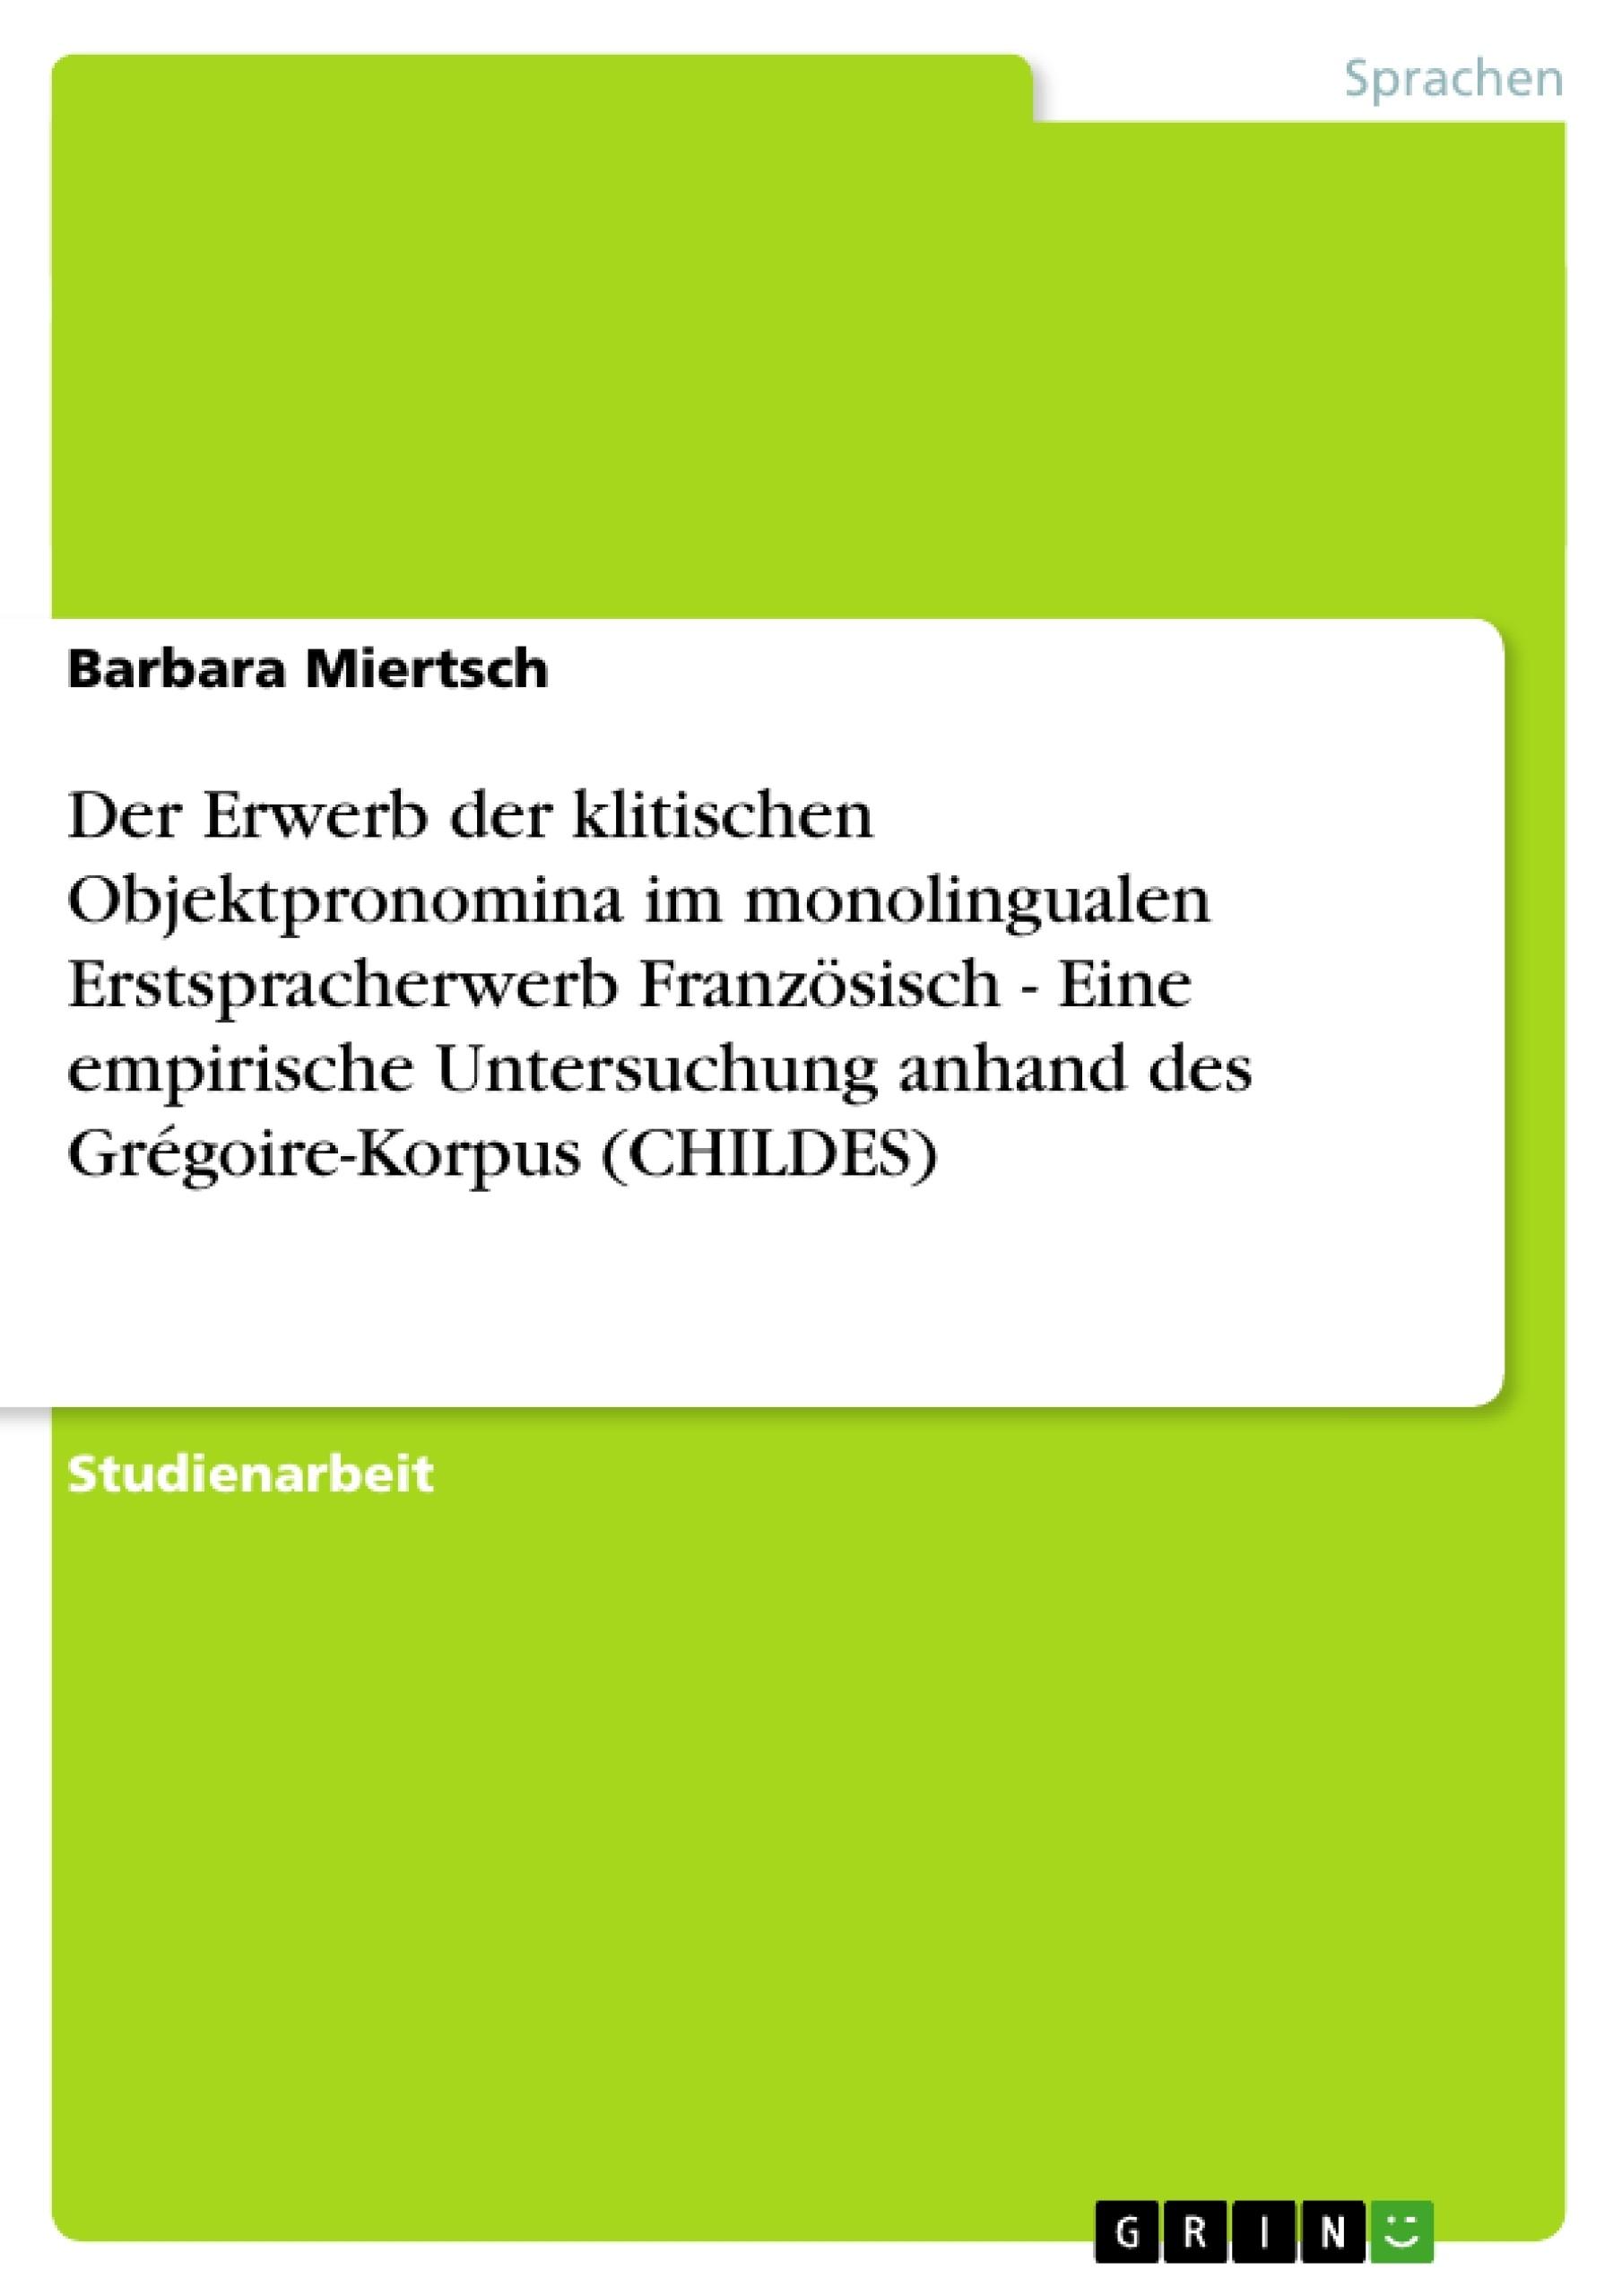 Titel: Der Erwerb der klitischen Objektpronomina im monolingualen Erstspracherwerb Französisch - Eine empirische Untersuchung anhand des Grégoire-Korpus (CHILDES)